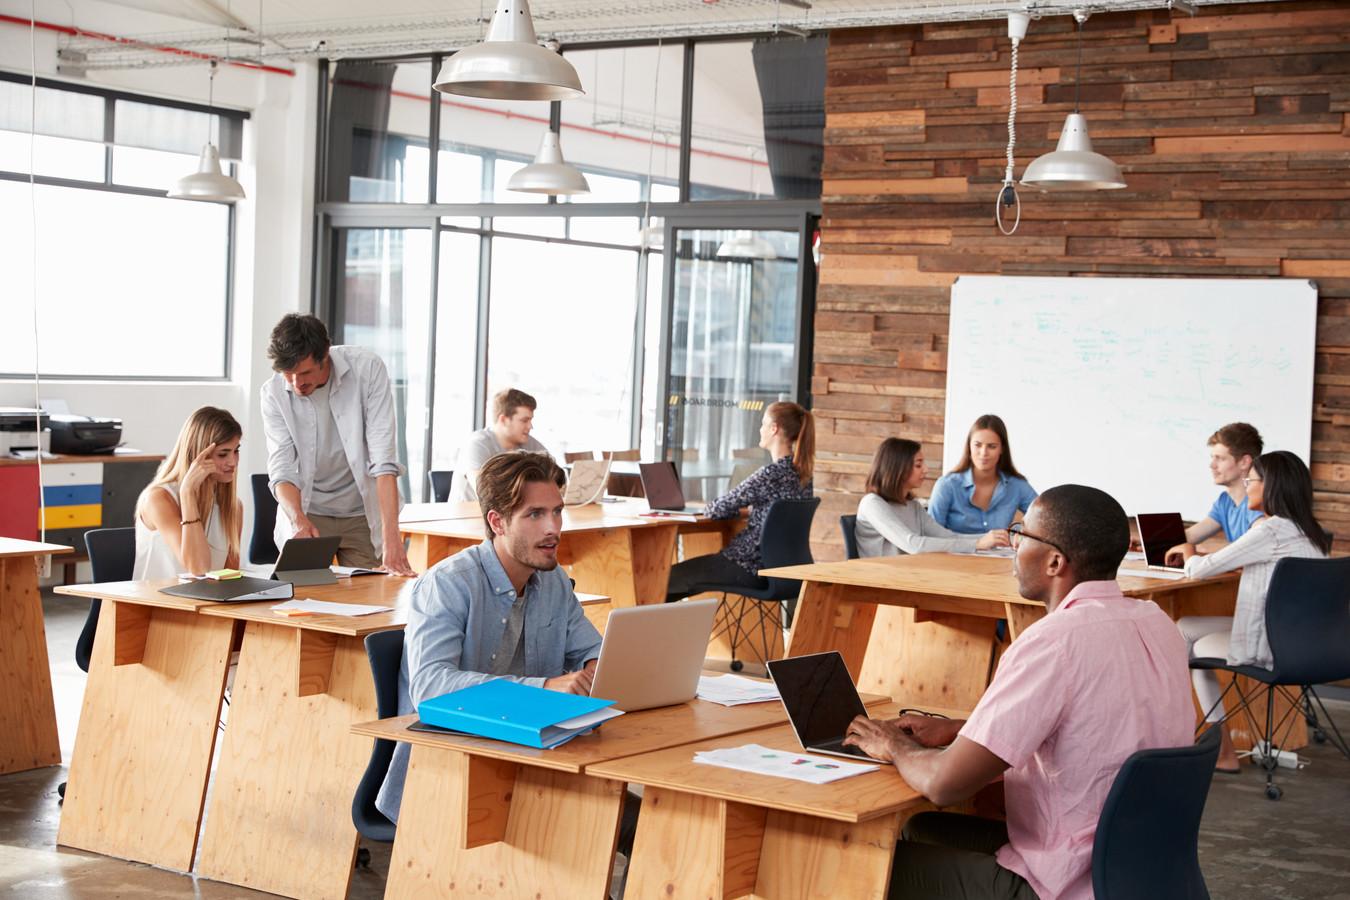 Foto ter illustratie. Werknemers in een open werkomgeving zijn fysiek actiever en minder gestrest dan personeel in privékantoren of hokjes, zo blijkt uit onderzoek.